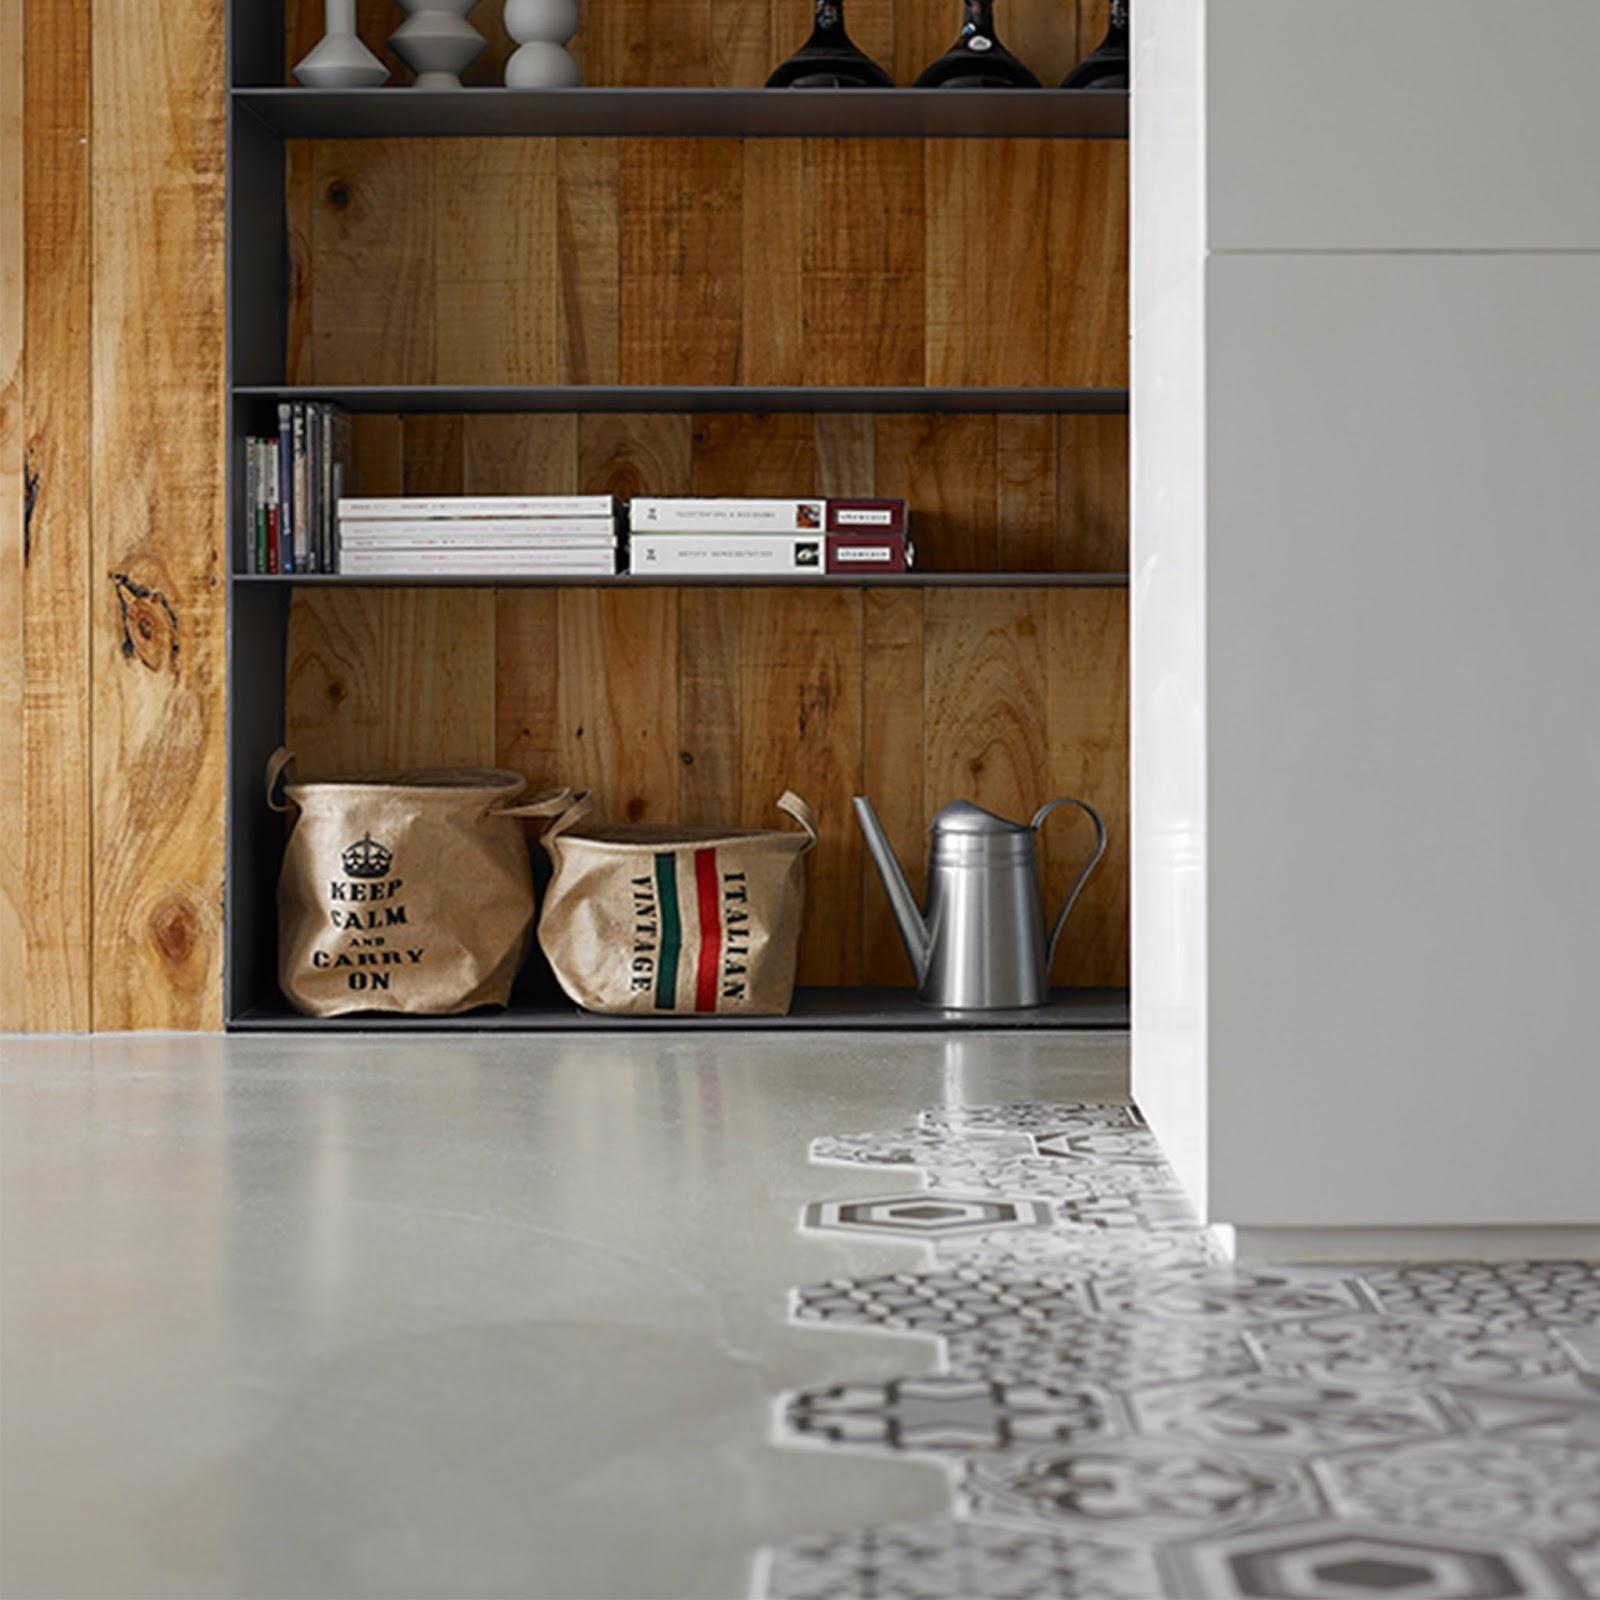 Casa con piastrelle esagonali e pannelli in legno di cedro for Cabine laterali in legno di cedro